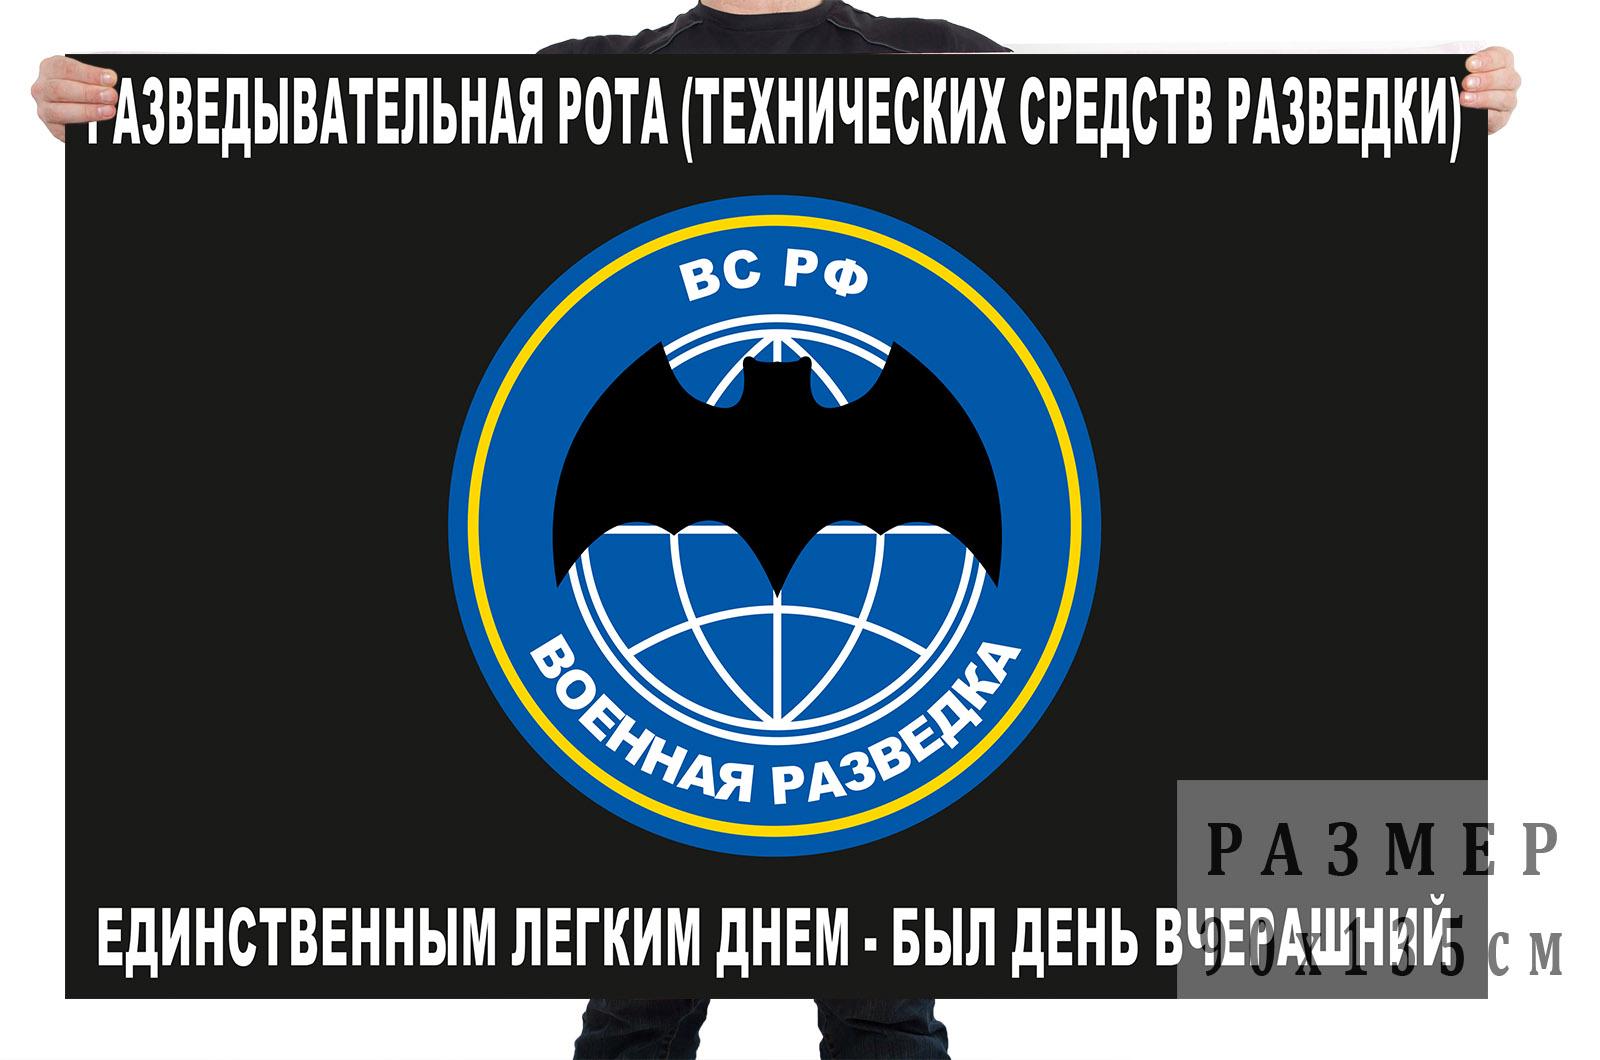 Флаг разведывательной роты (технических средств разведки)